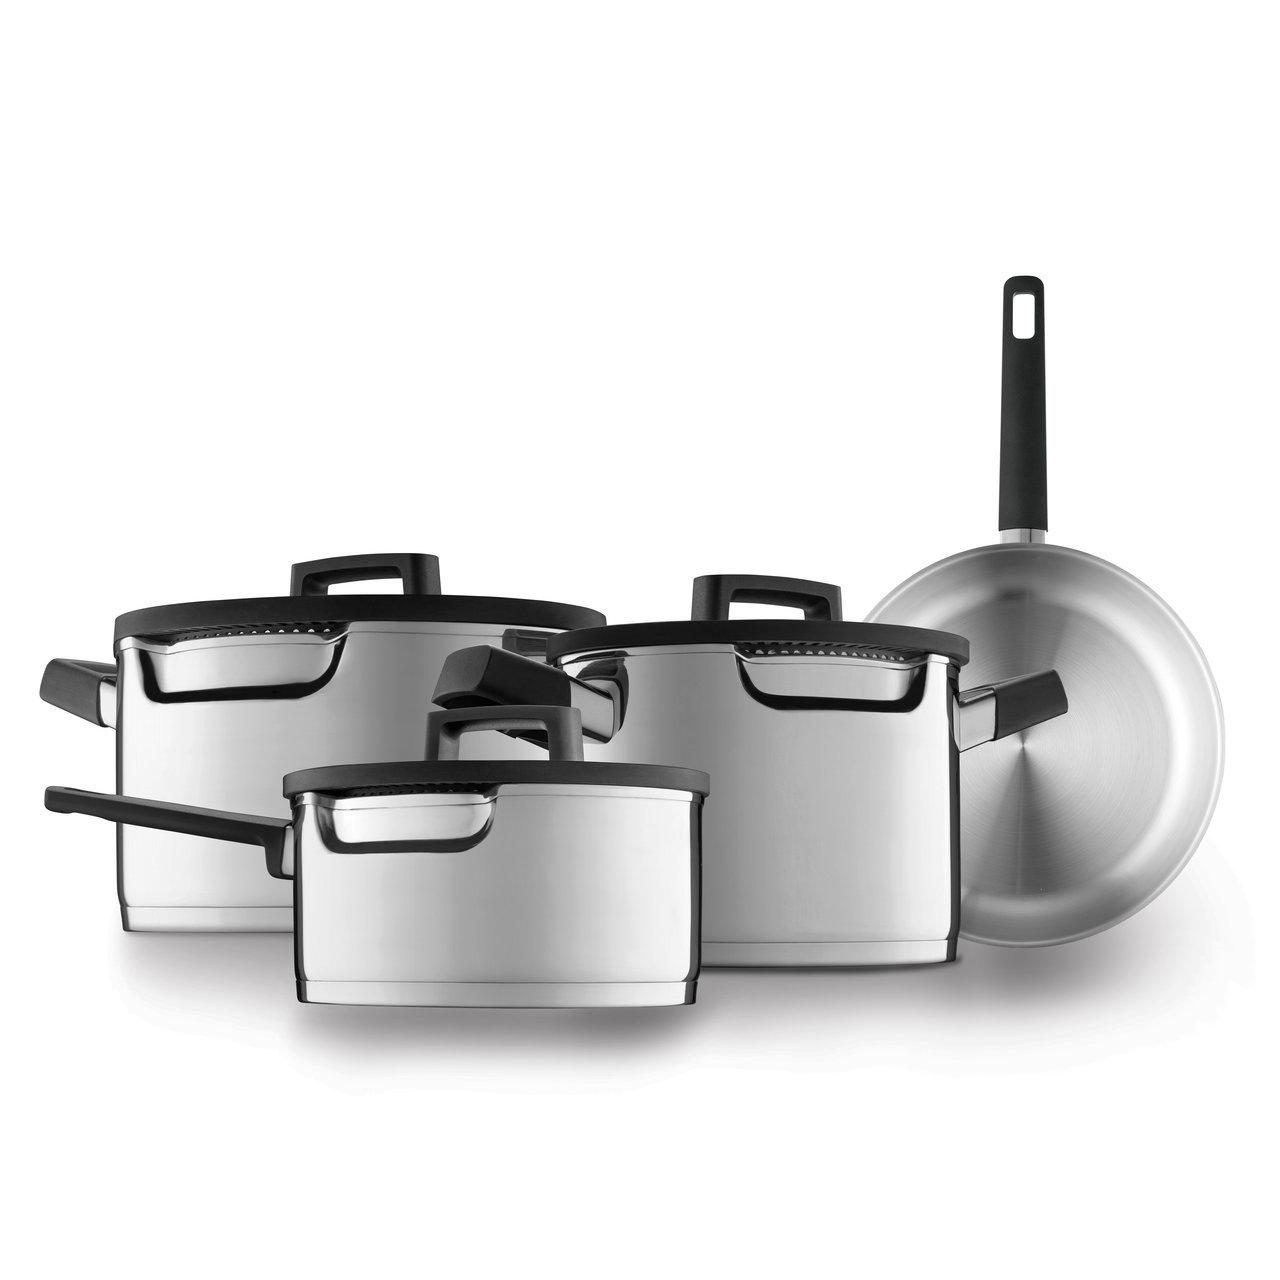 Посуда Бергофф Купить В Интернет Магазине Недорого